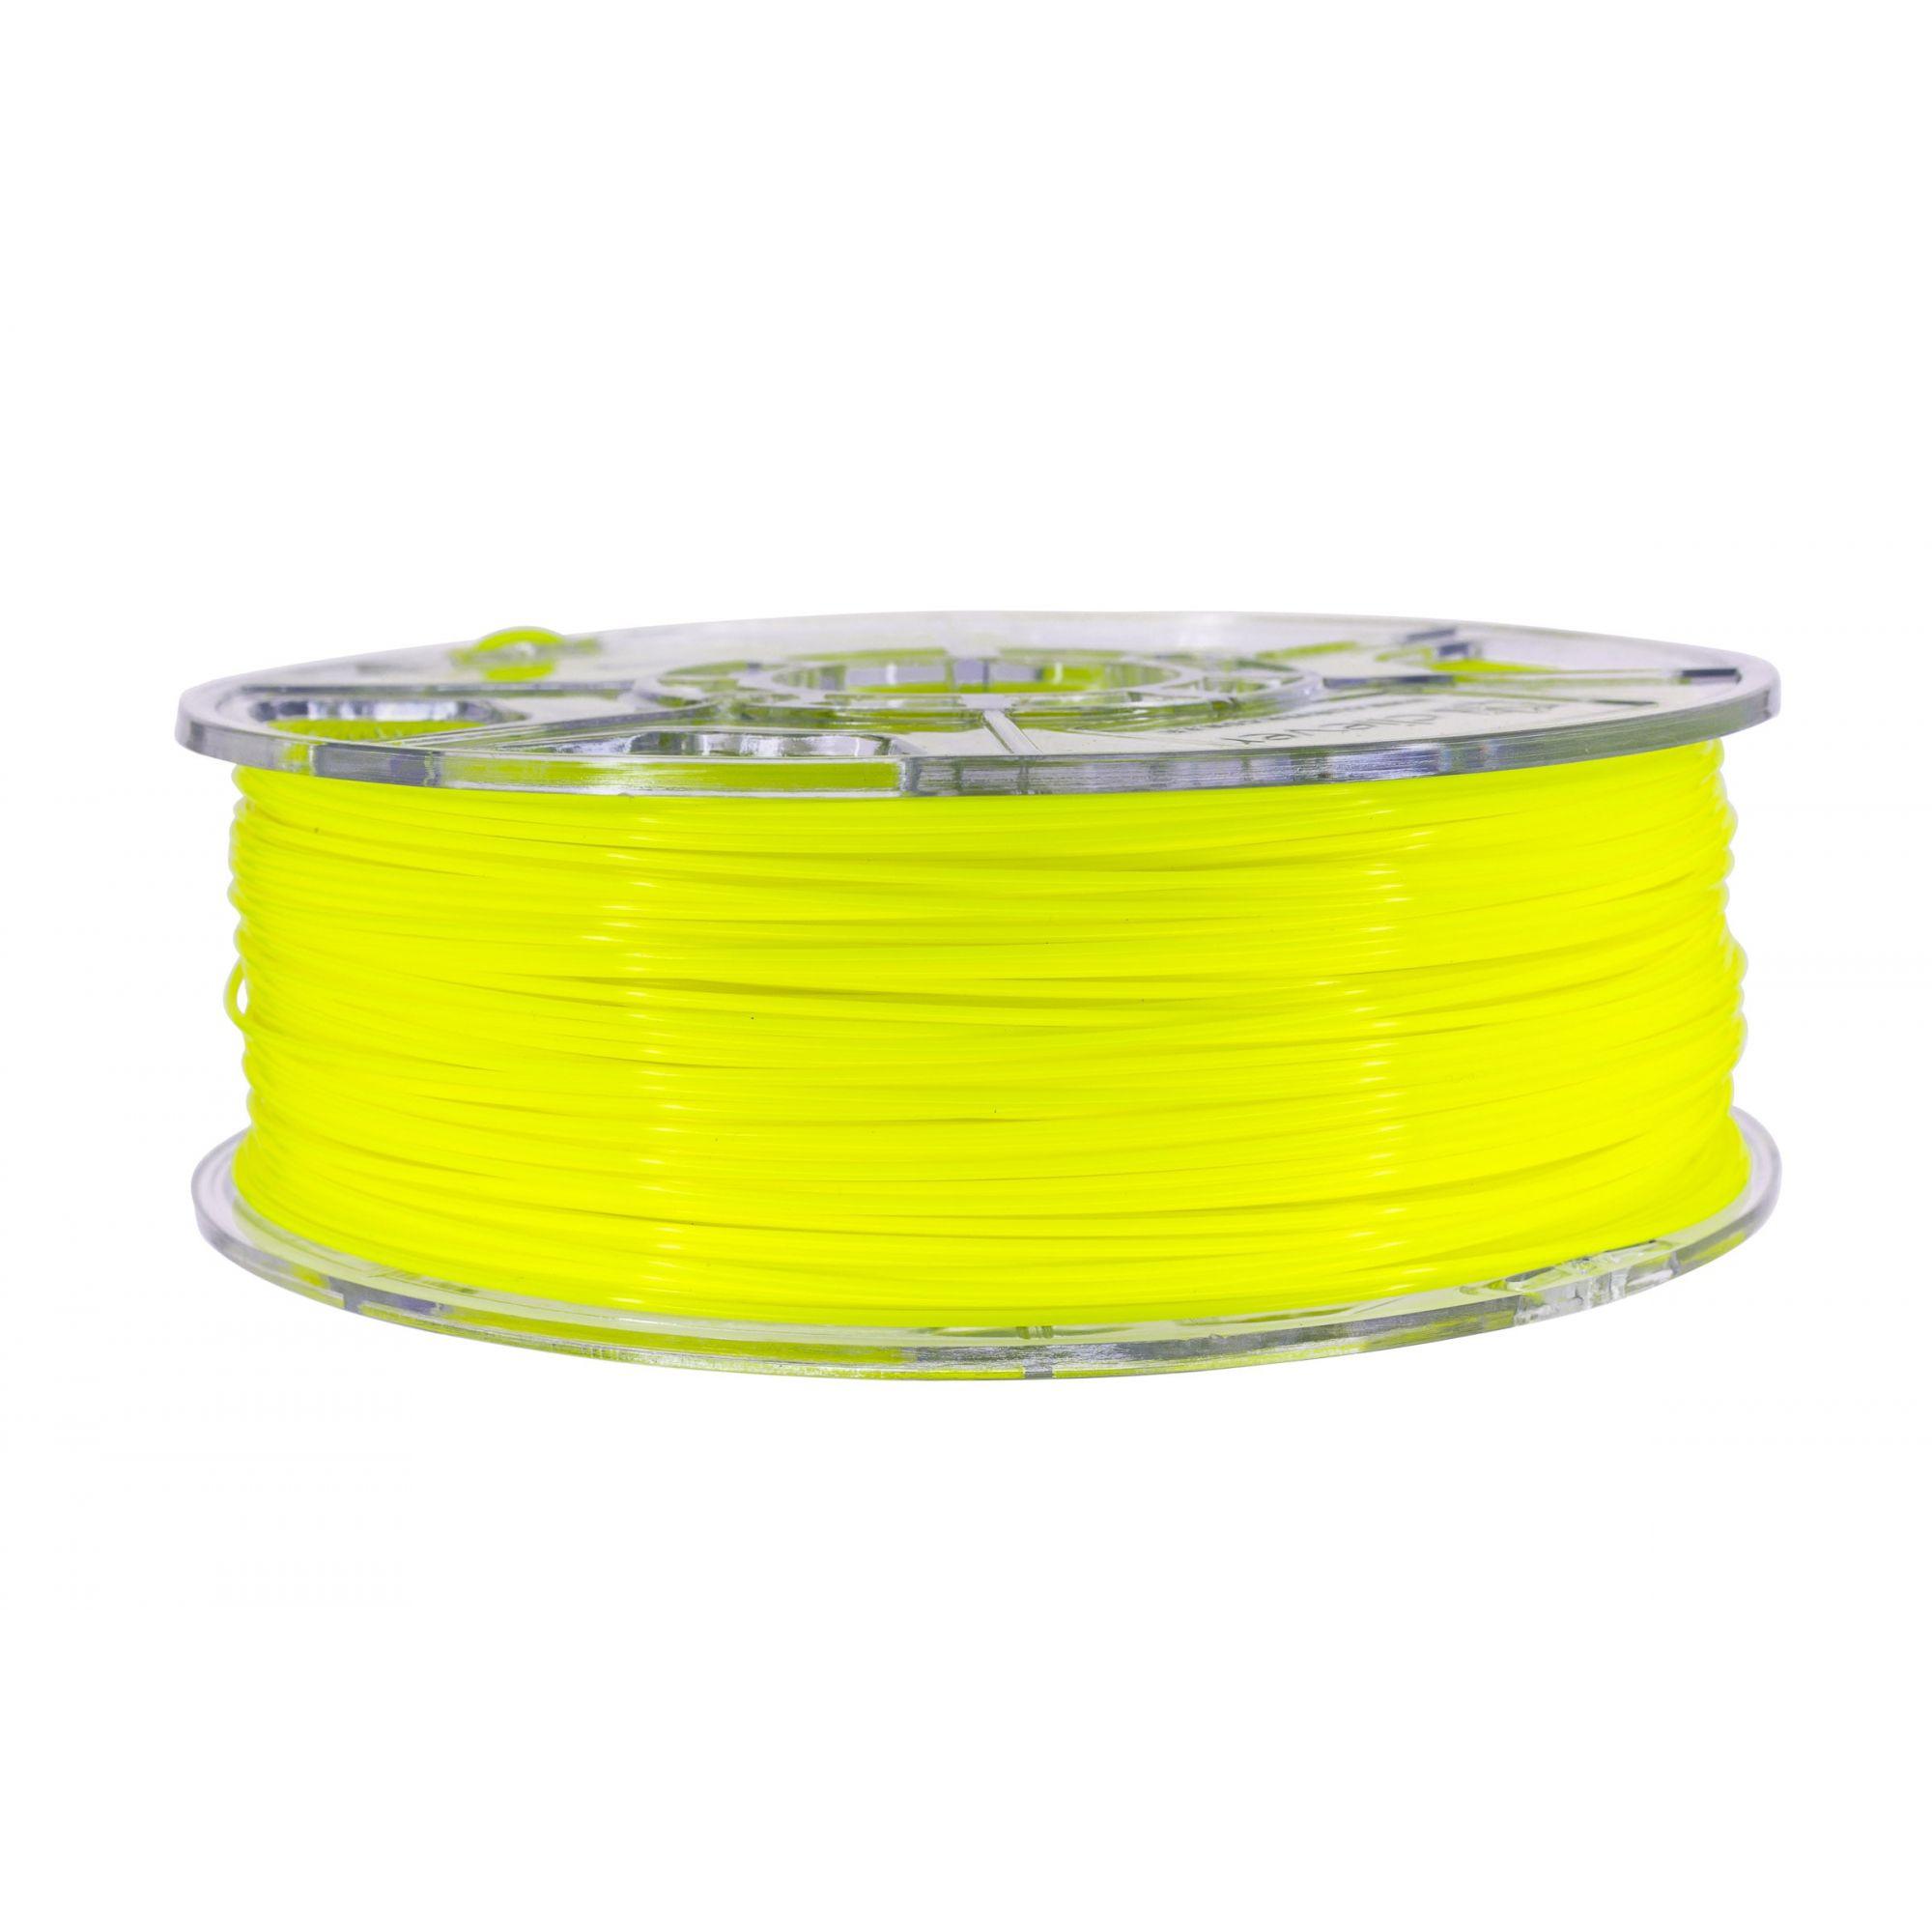 Filamento PLA - Amarelo Fluorescente - Cliever - 1.75mm - 1kg